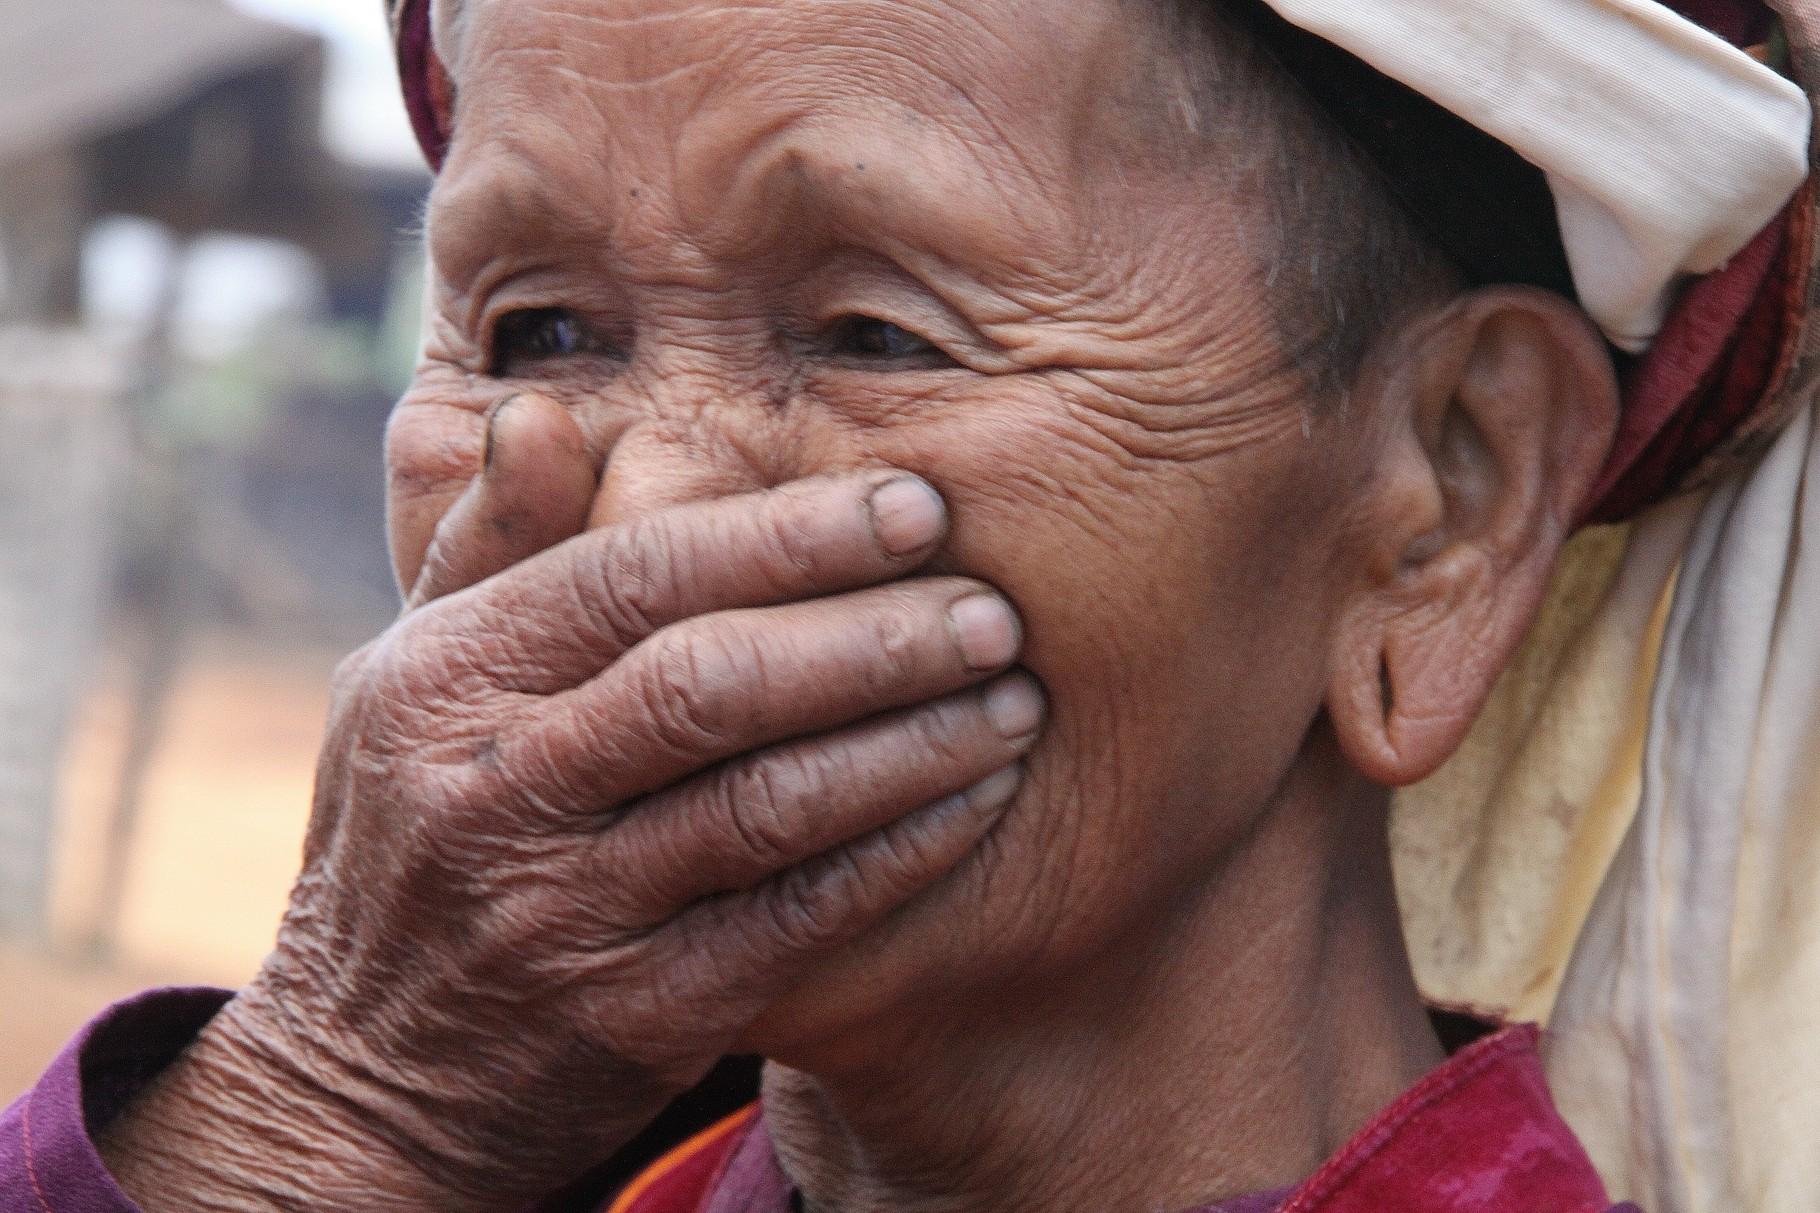 Lachende Frau mit Hand vor dem Mund, Bei Taunggyi | Myanmar